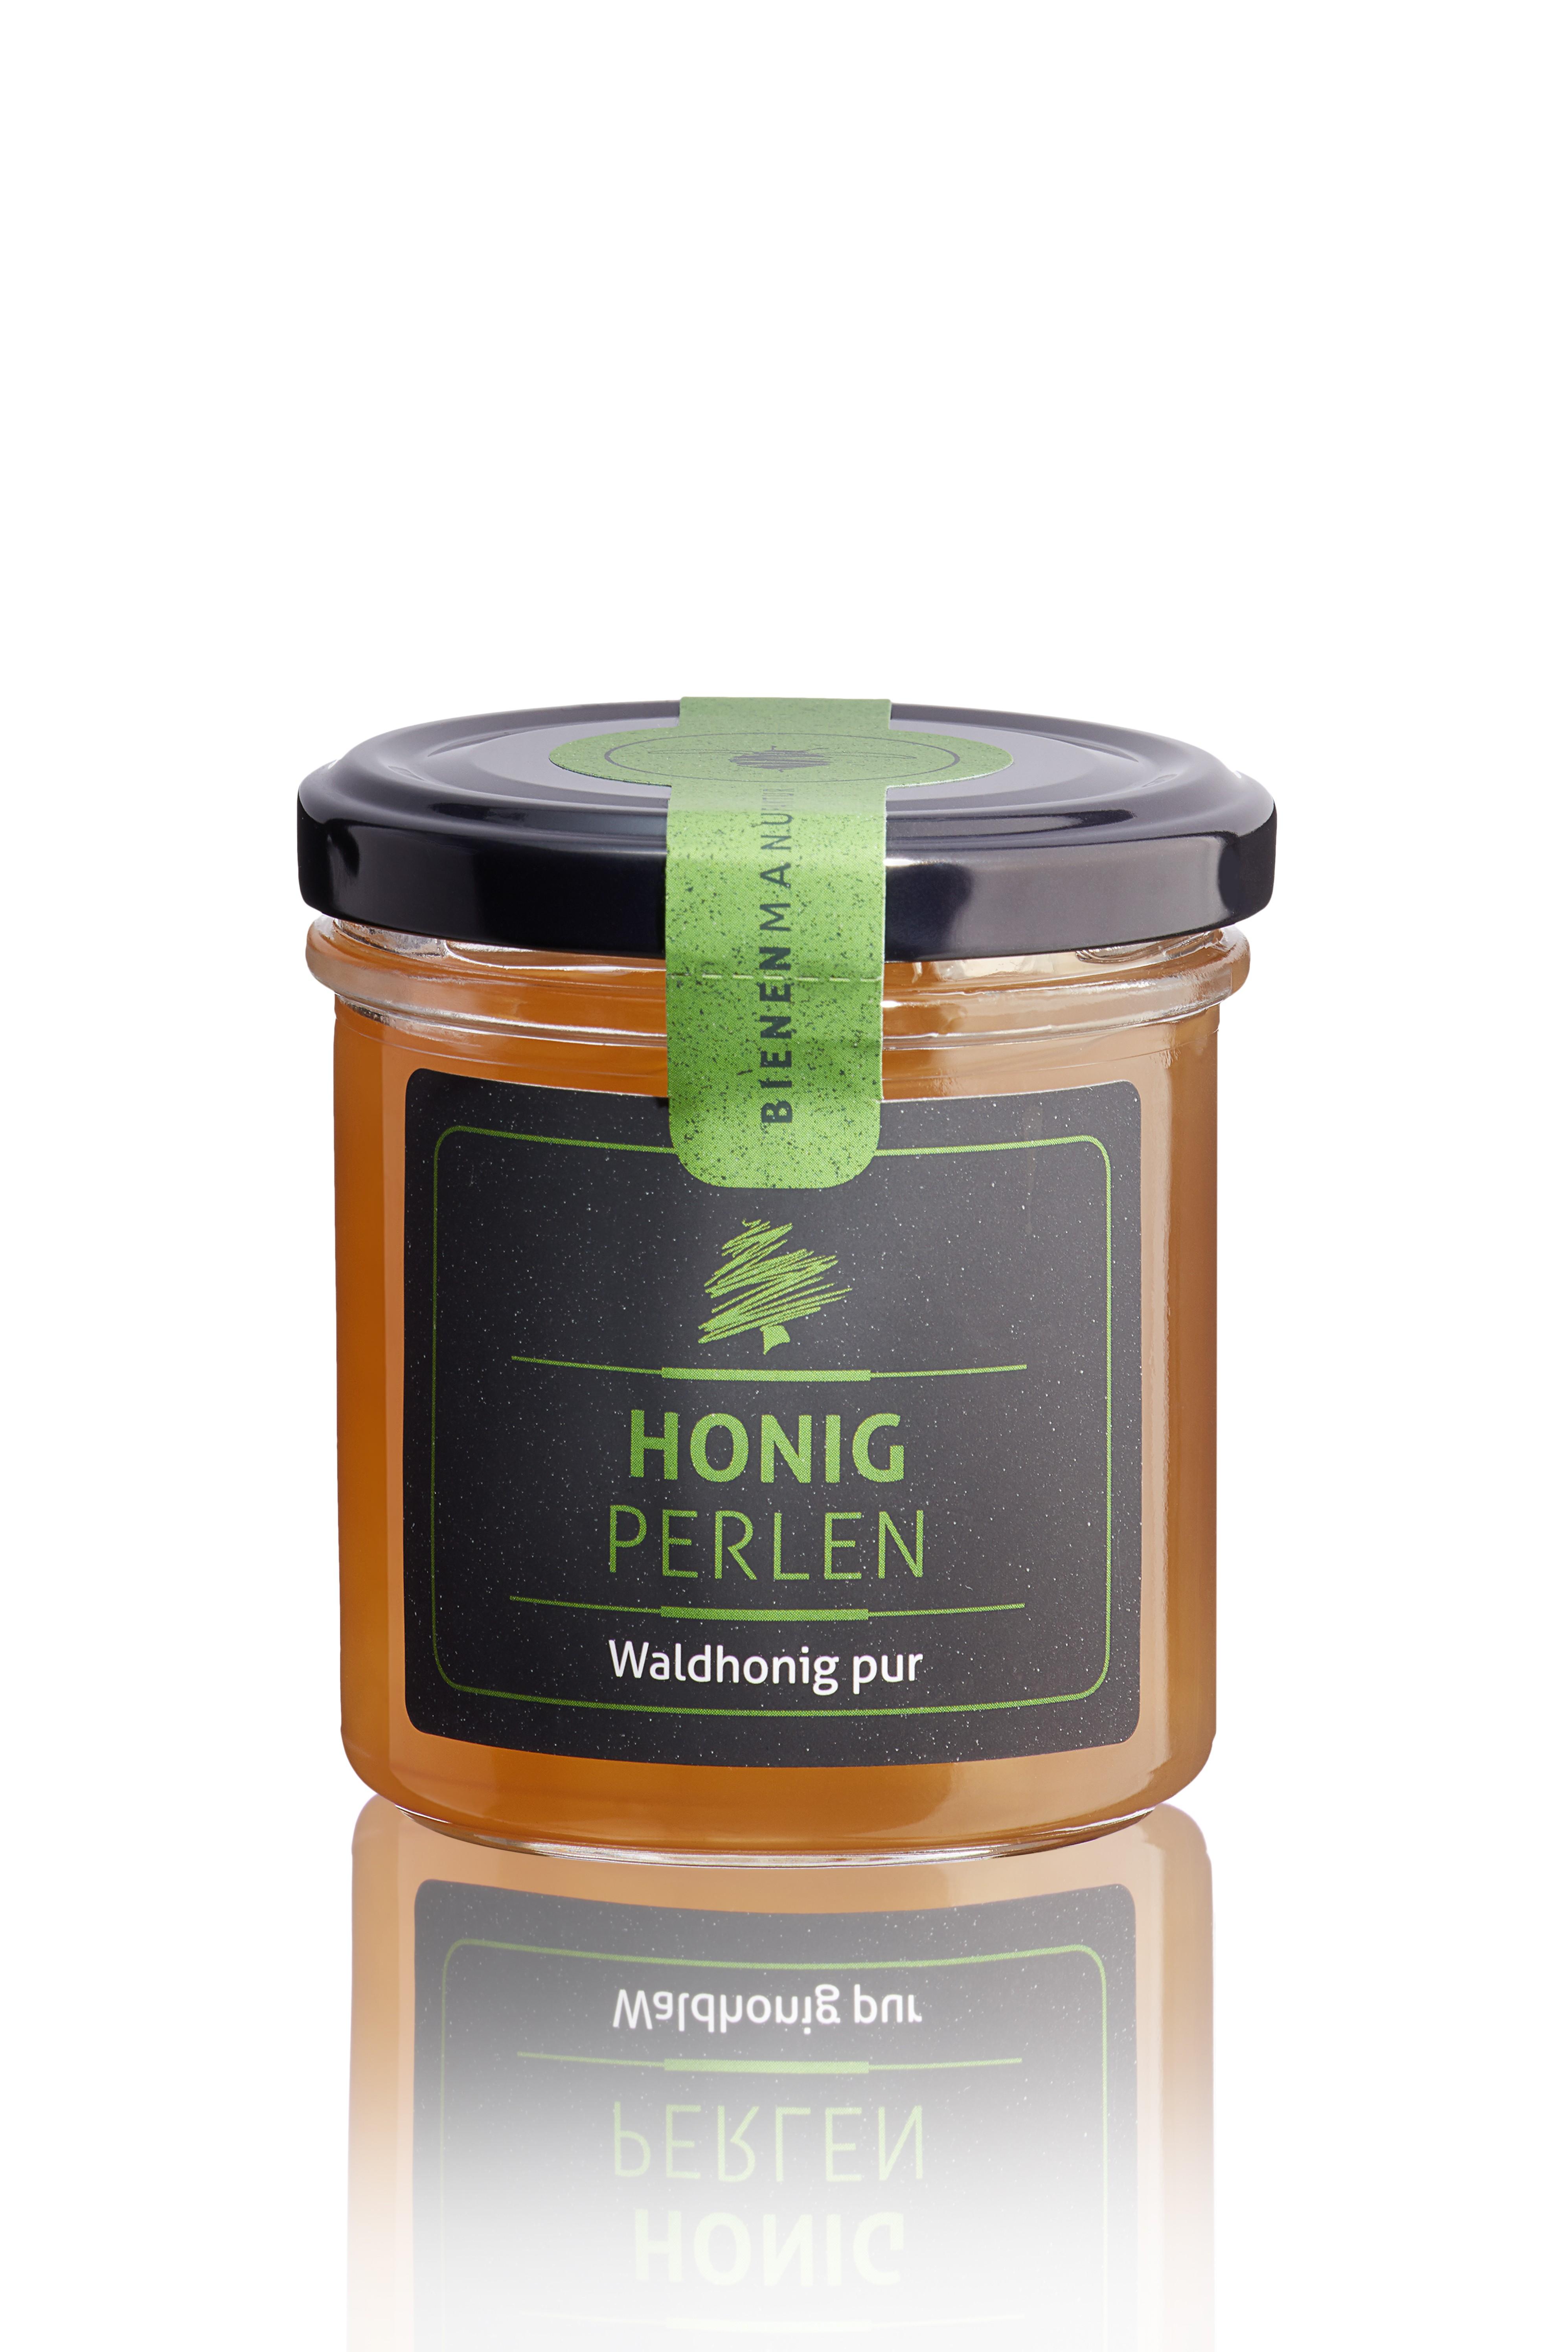 Honigperlen Waldhonig pur 150g